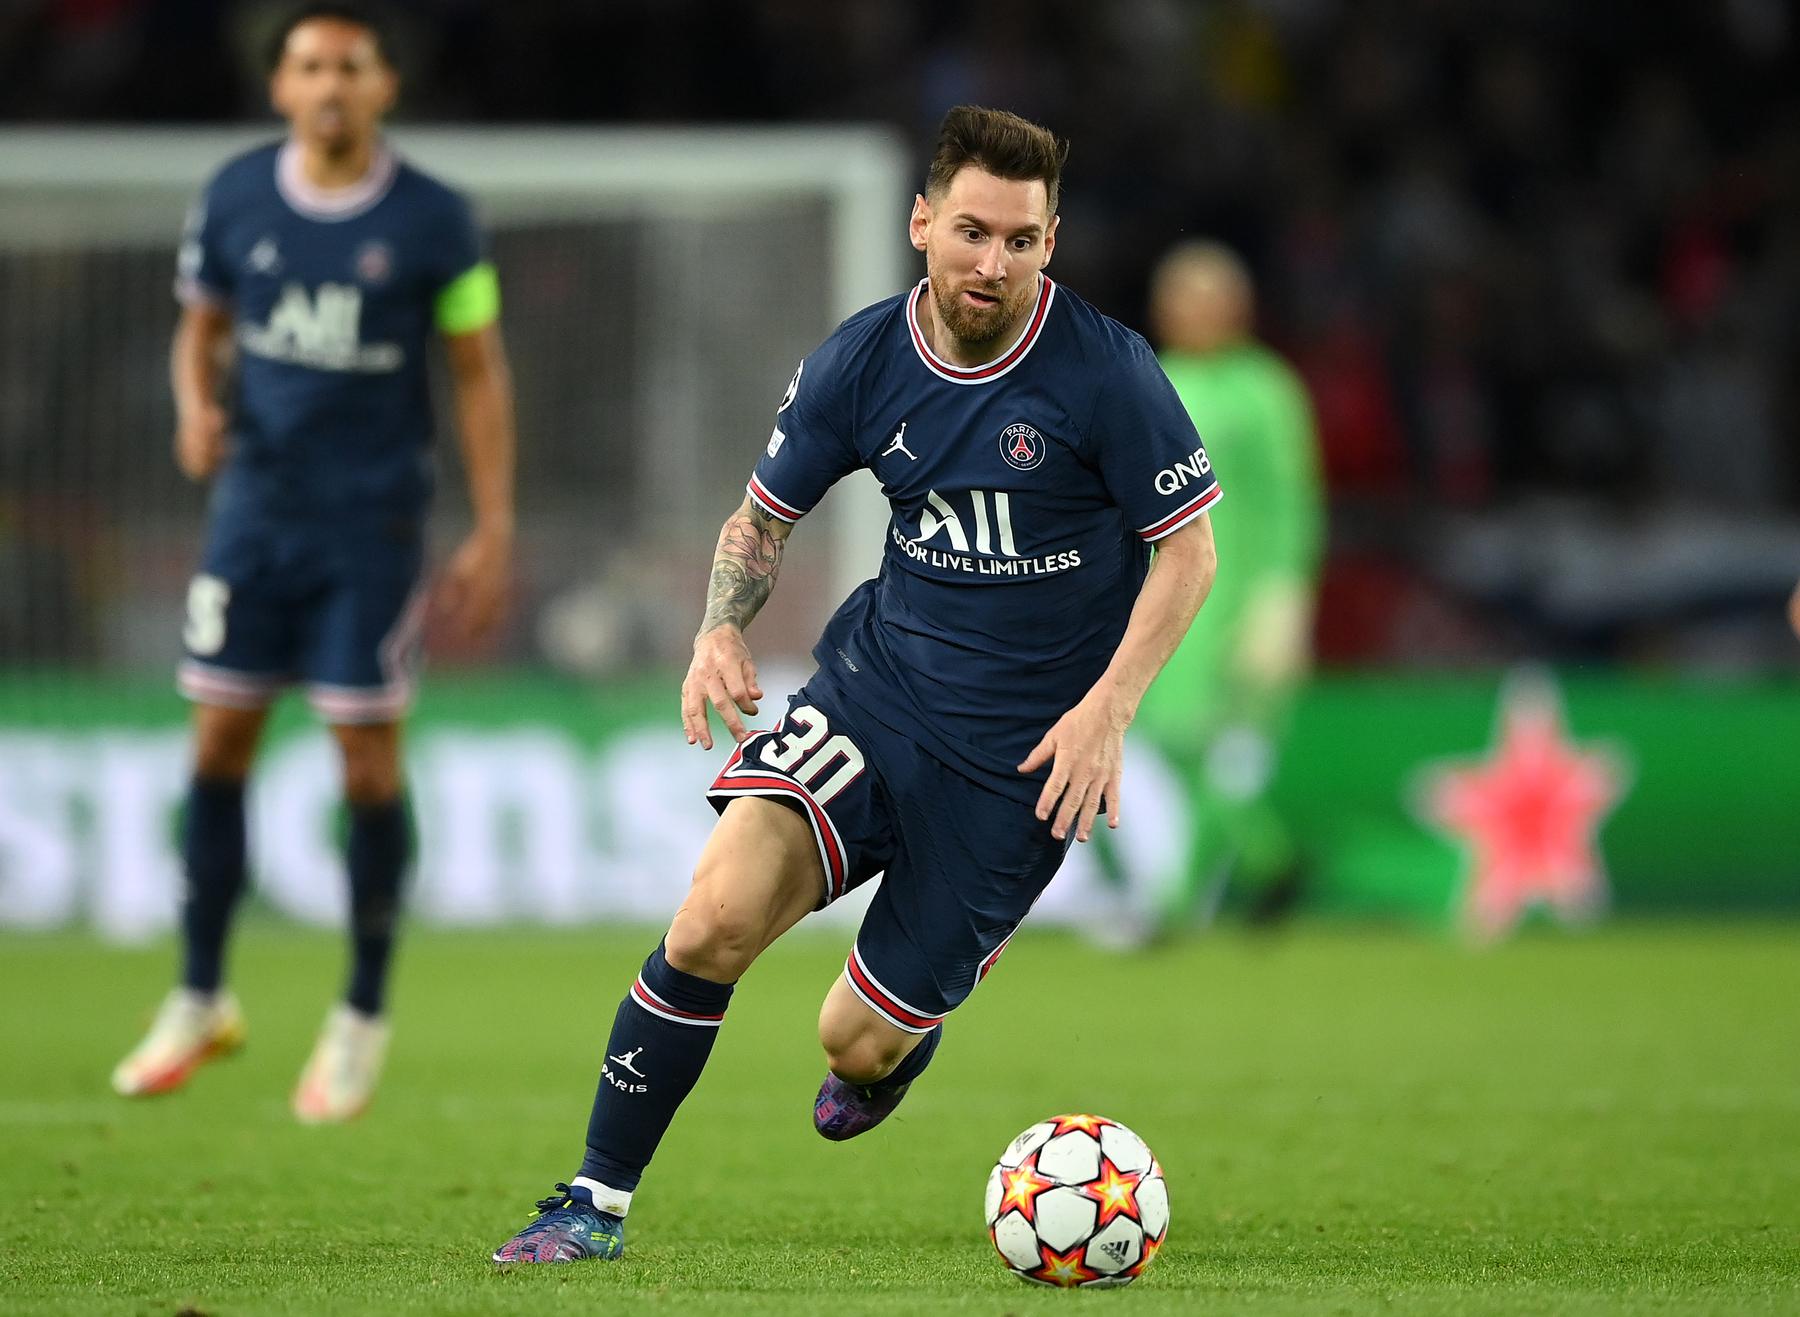 กูรูฟุตบอลฝรั่งเศสกล่าวว่าเขาผิดหวังกับเกมของ เมสซี่